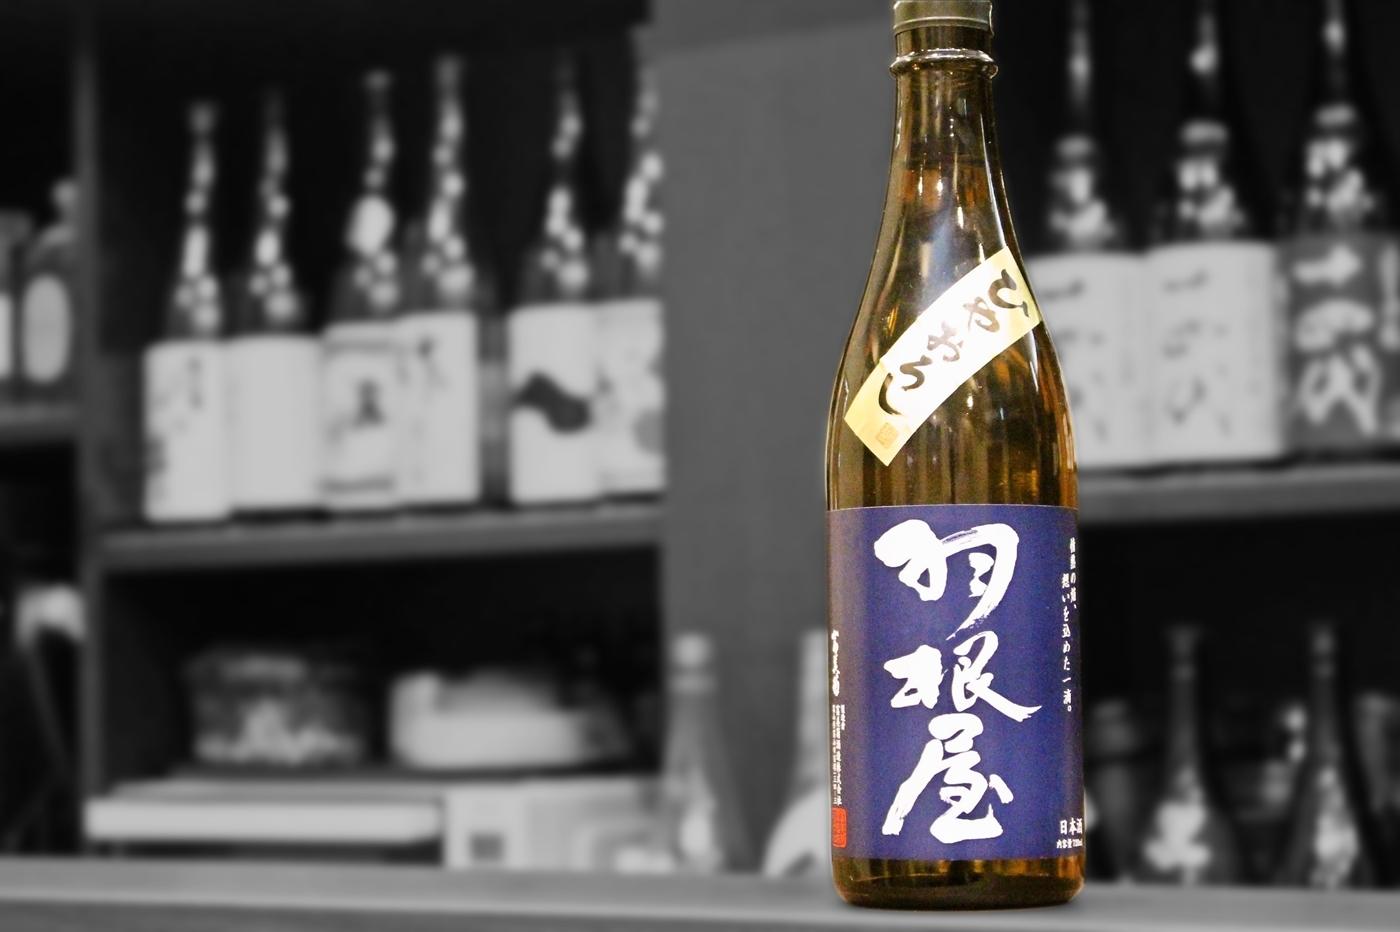 羽根屋純米吟醸ひやおろし202009-001